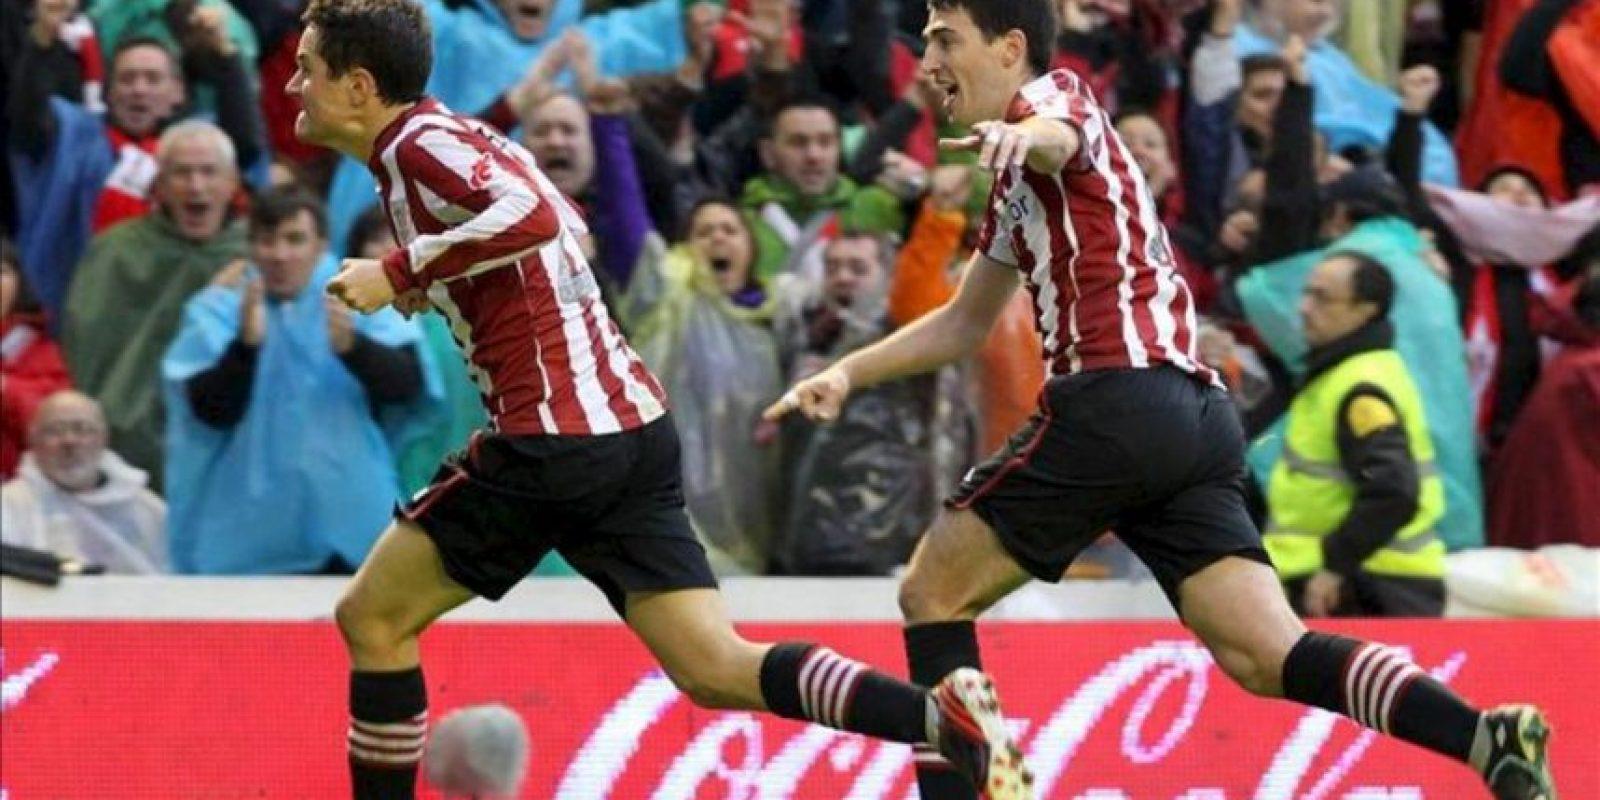 El centrocampista del Athletic de Bilbao Ander Herrera (i) celebra ante su compañero Andoni Iraola la consecución del segundo gol de su equipo ante el Barcelona, en el partido de la trigésima tercera jornada de liga en Primera División que se disputó esta tarde en el estadio de San Mamés. EFE